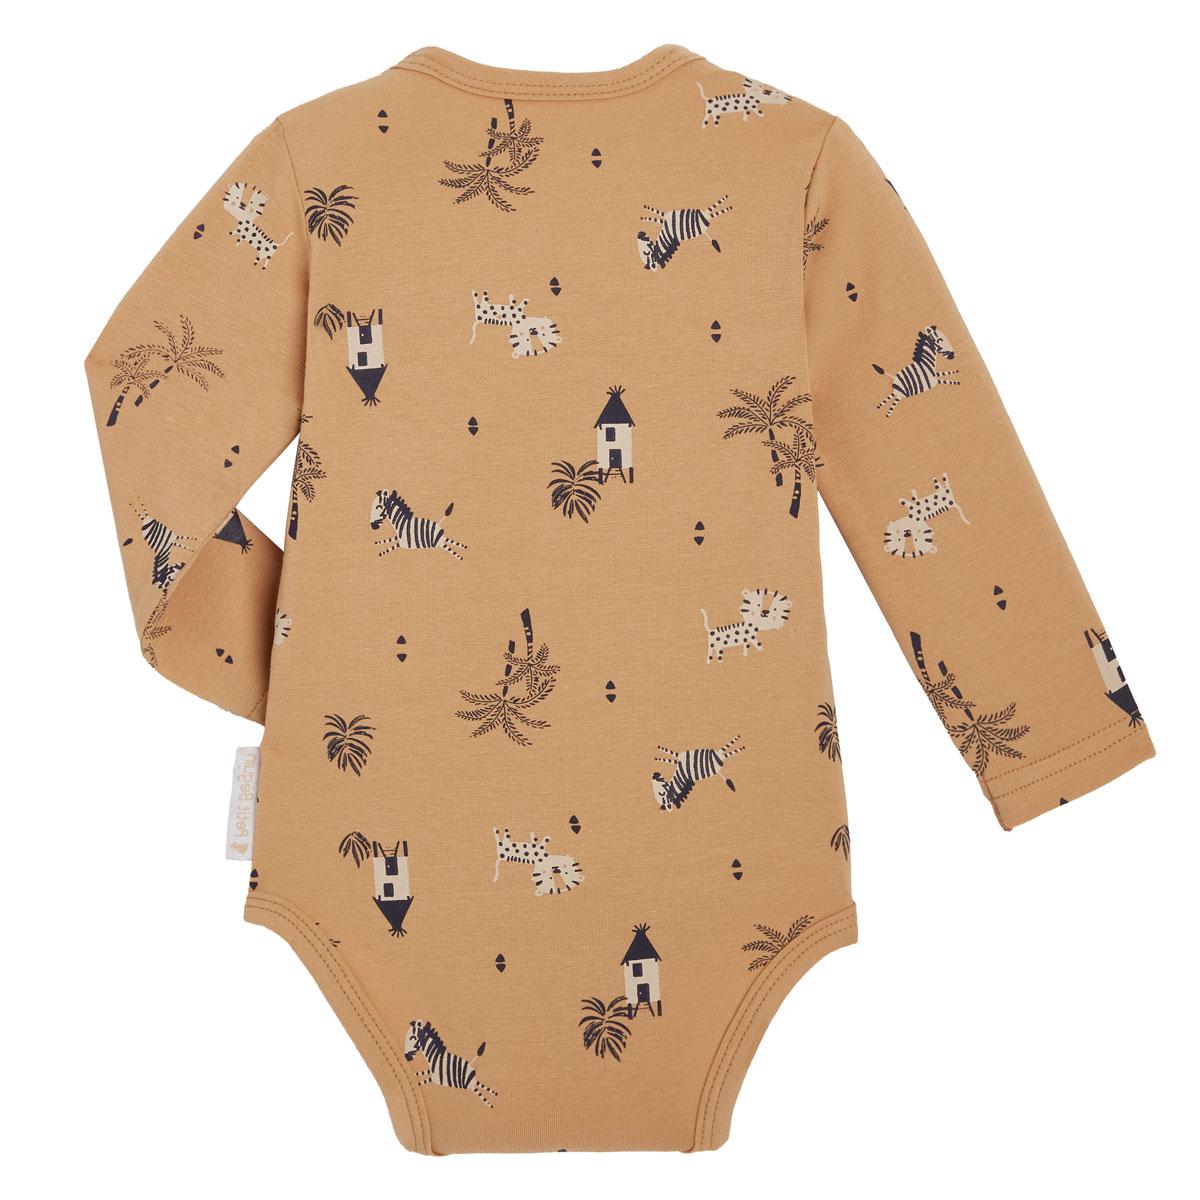 Lot de 2 bodies bébé garçon croisés manches longues contenant du coton bio Safari Jungle 2 dos